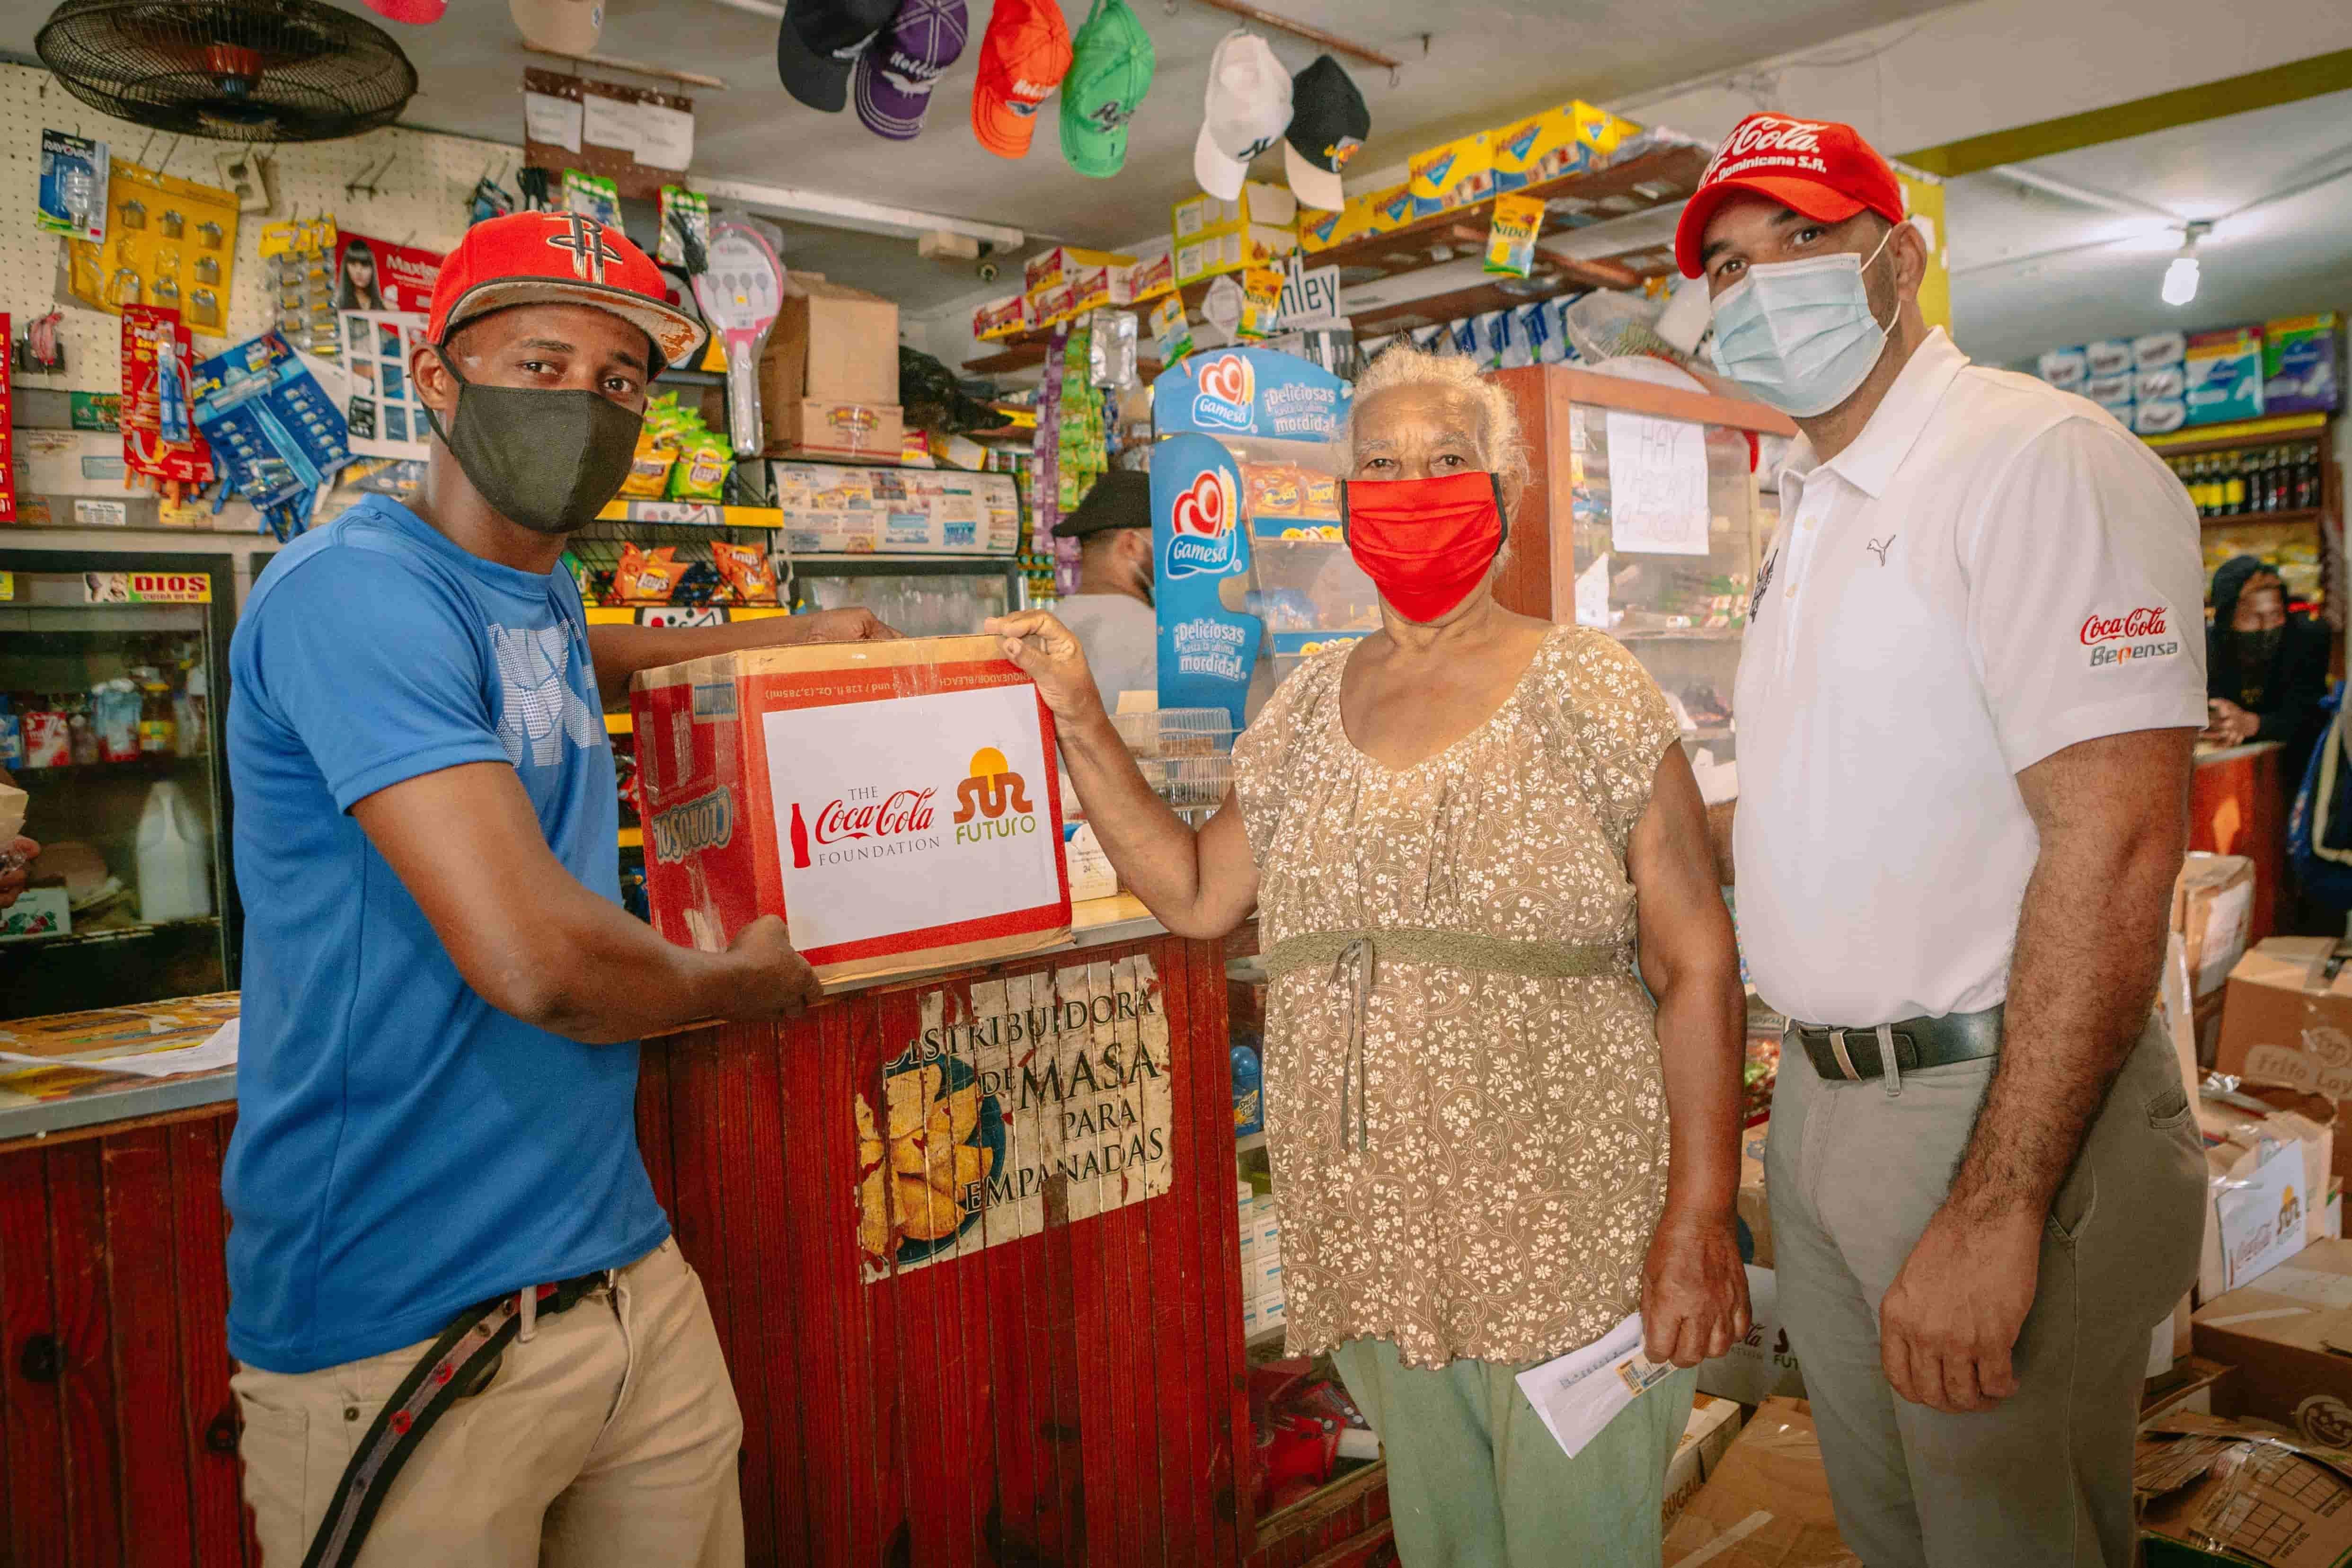 <p>Sur Futuro y Fundaci&oacute;n Coca-Cola integran propietarios de colmados en programa de apoyo alimentario a familias vulnerables</p>